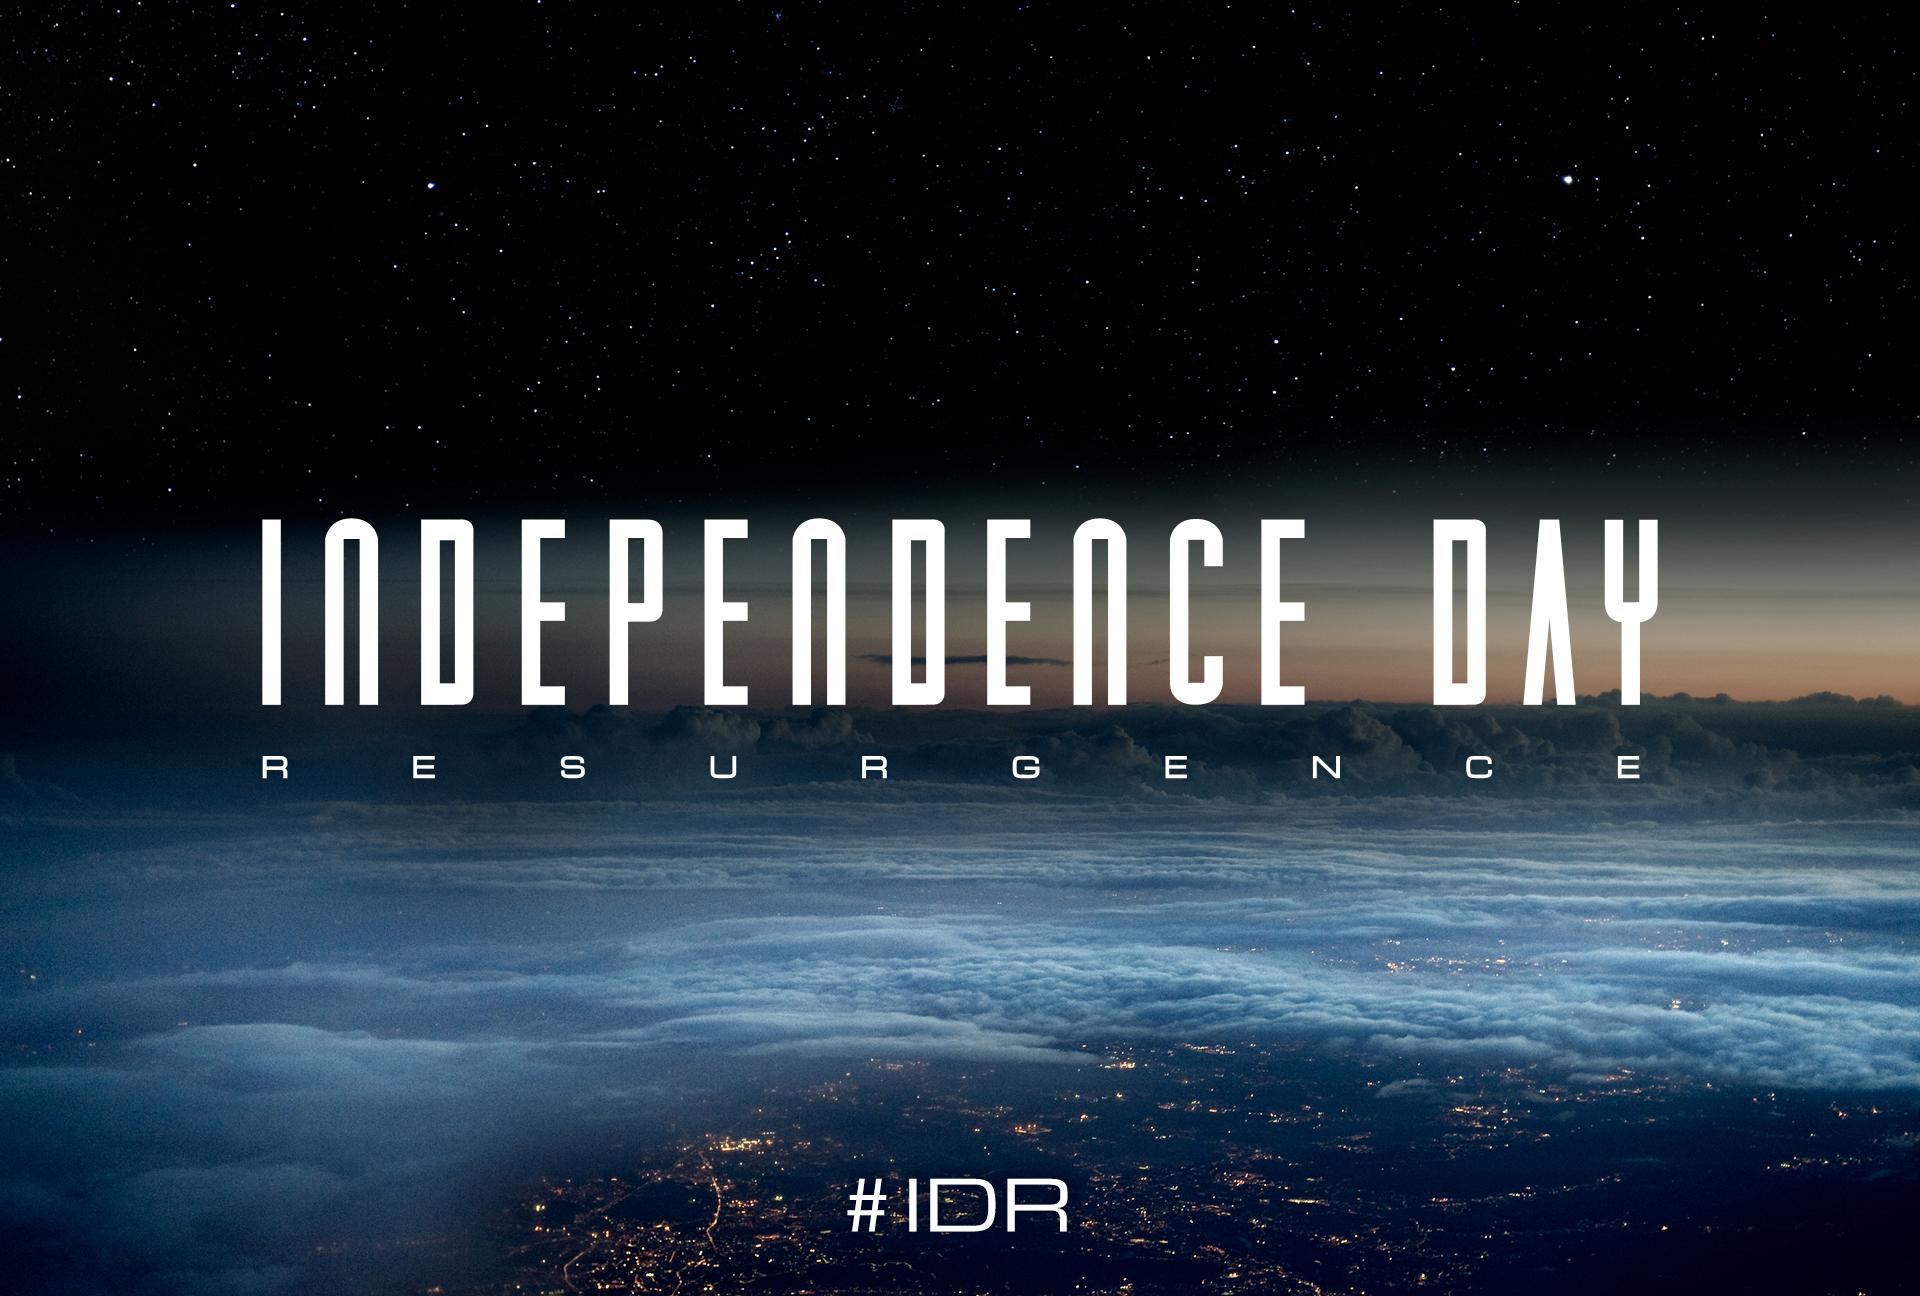 dia de la independencia 2 logo resurgence